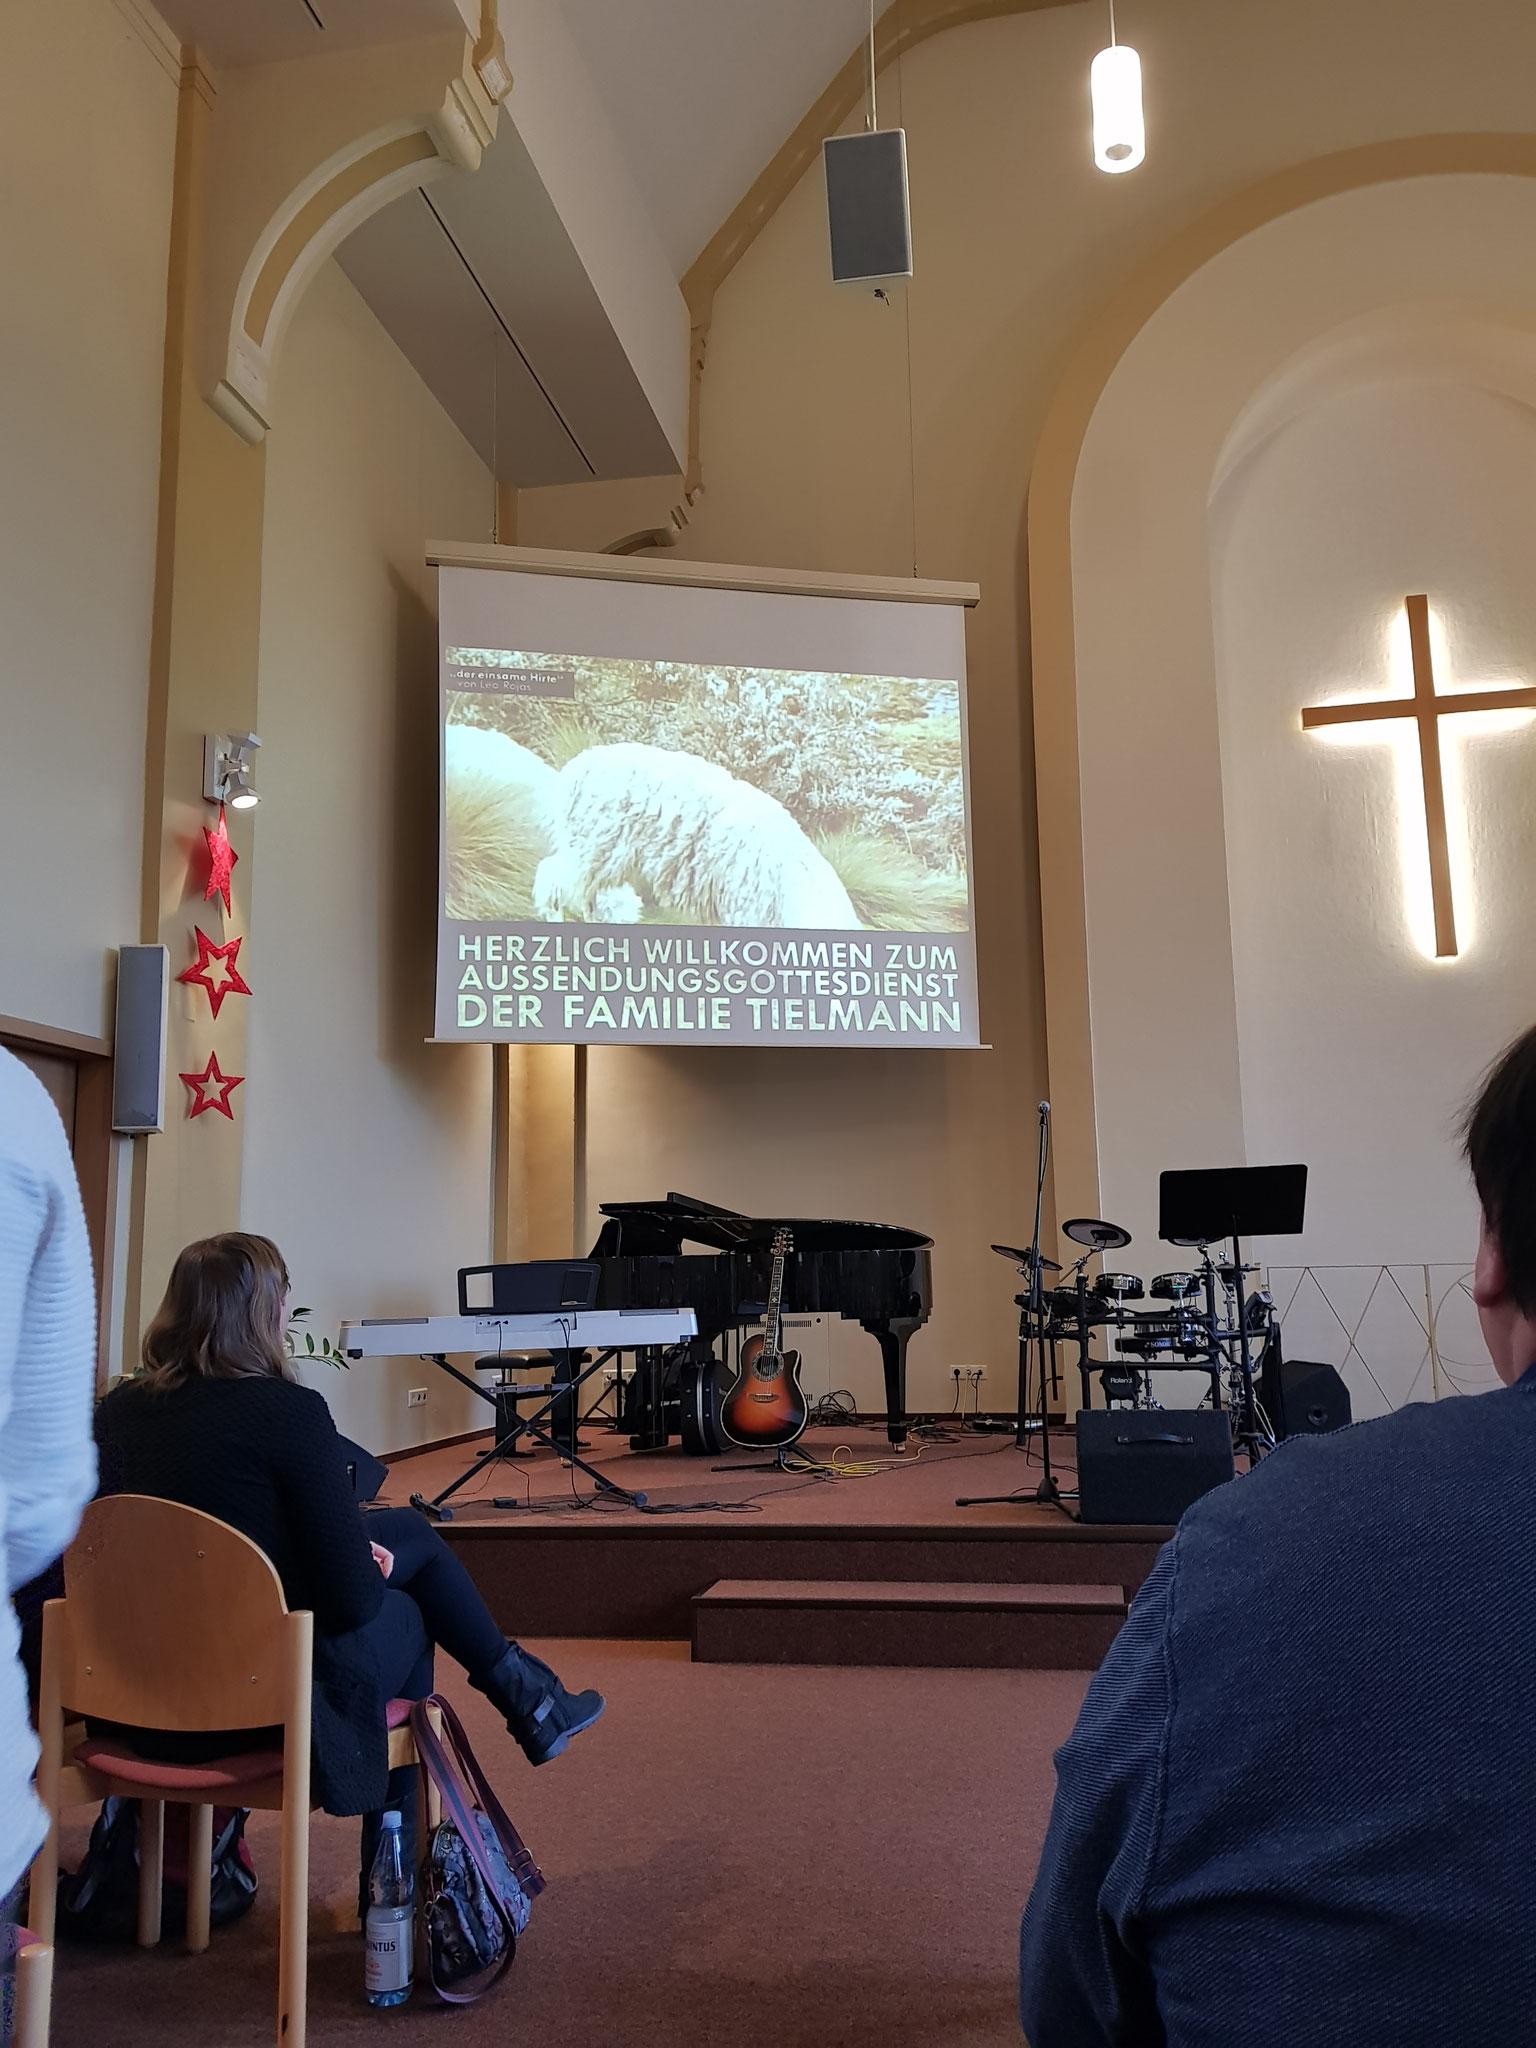 Der Gottesdienst begann mit einem Video eines Panflötenstücks.